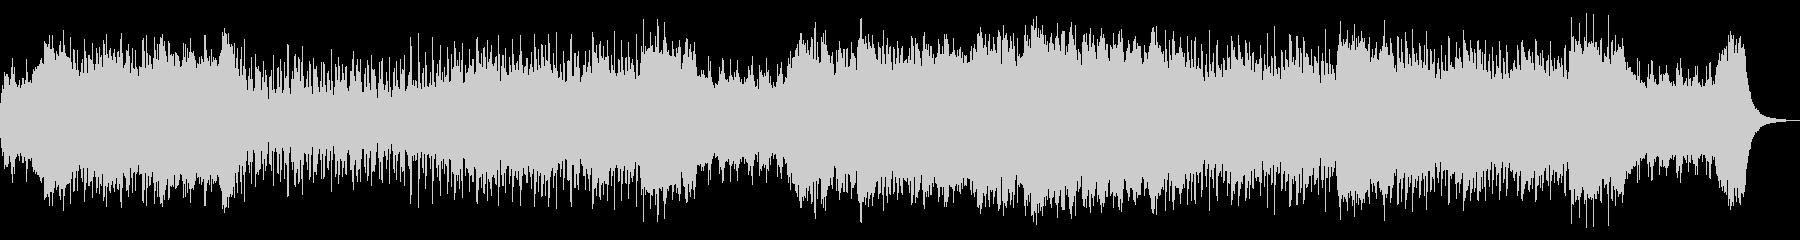 コミカル可愛いゴシックホラーハロウィンの未再生の波形